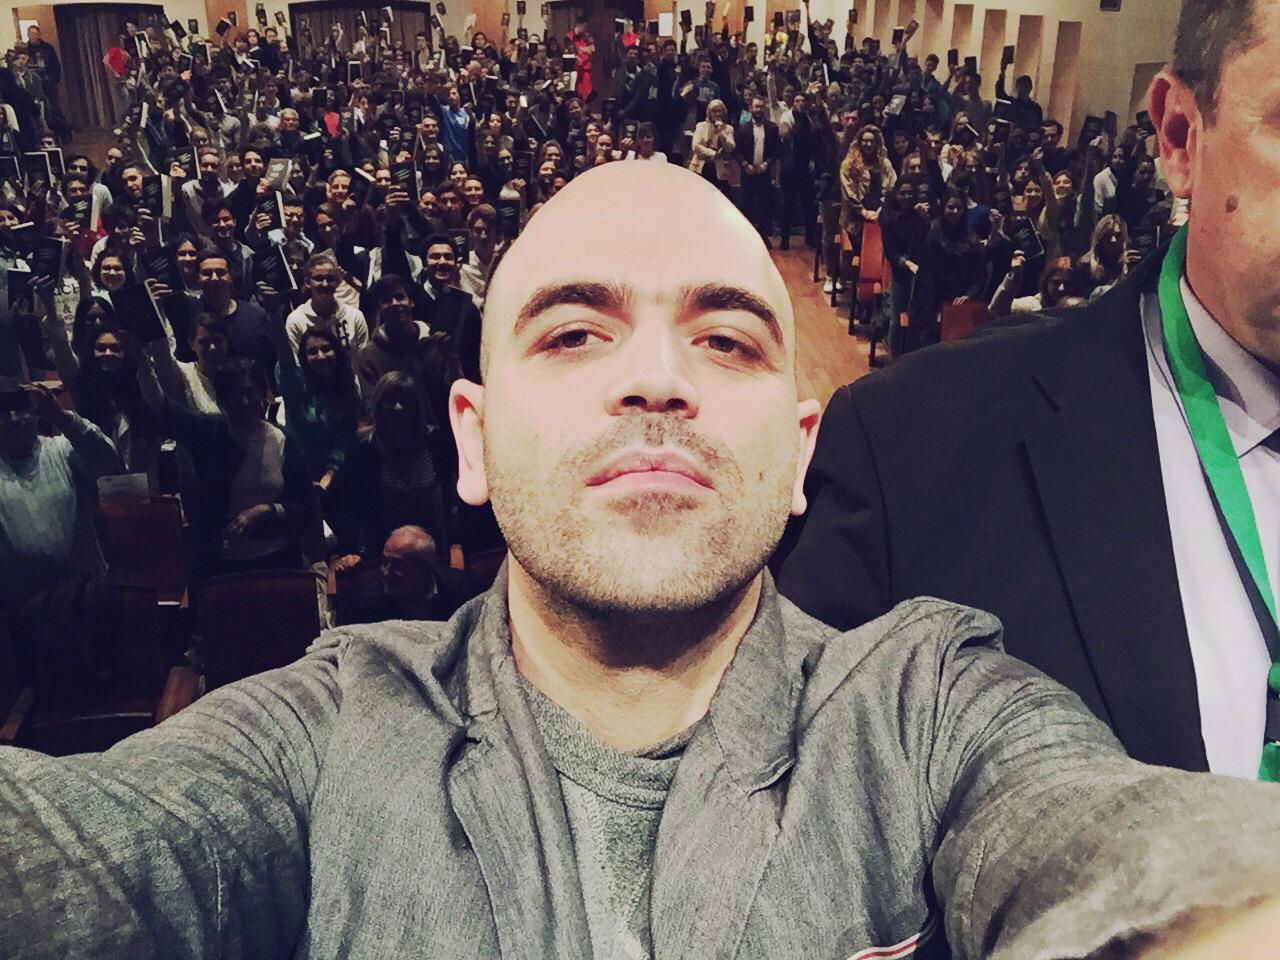 Un selfie di Saviano a Gorizia dopo un incontro con gli studenti su Zero Zero Zero